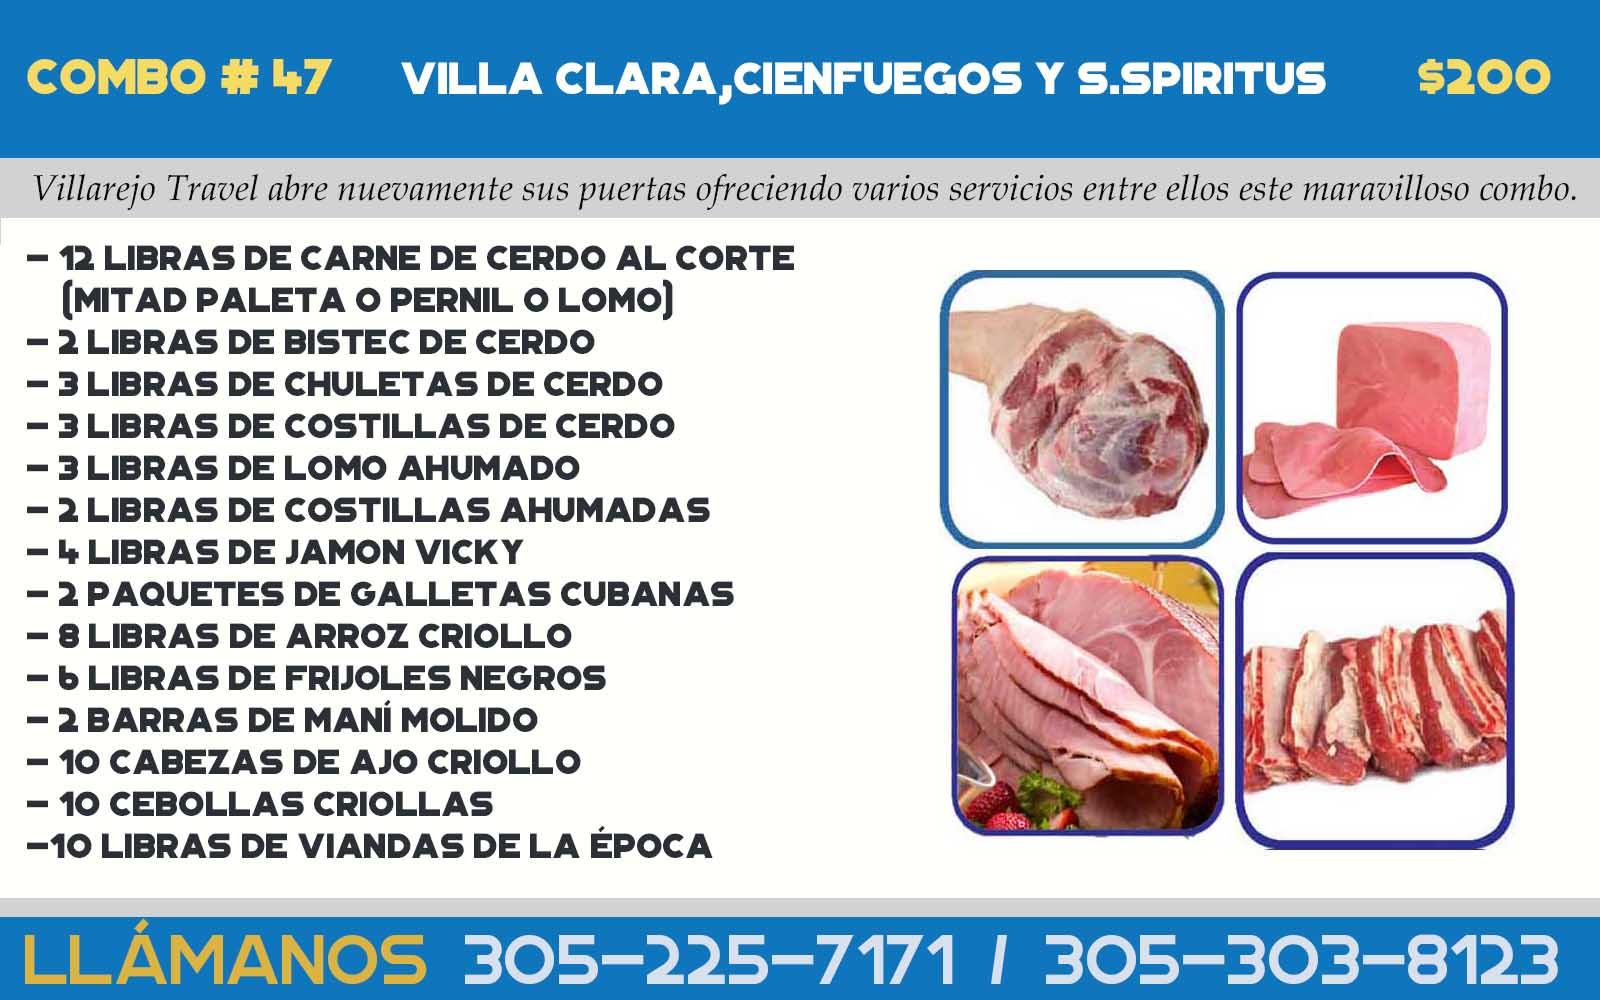 COMBO # 47 VILLA CLARA,CIENFUEGOS Y S.SPIRITUS